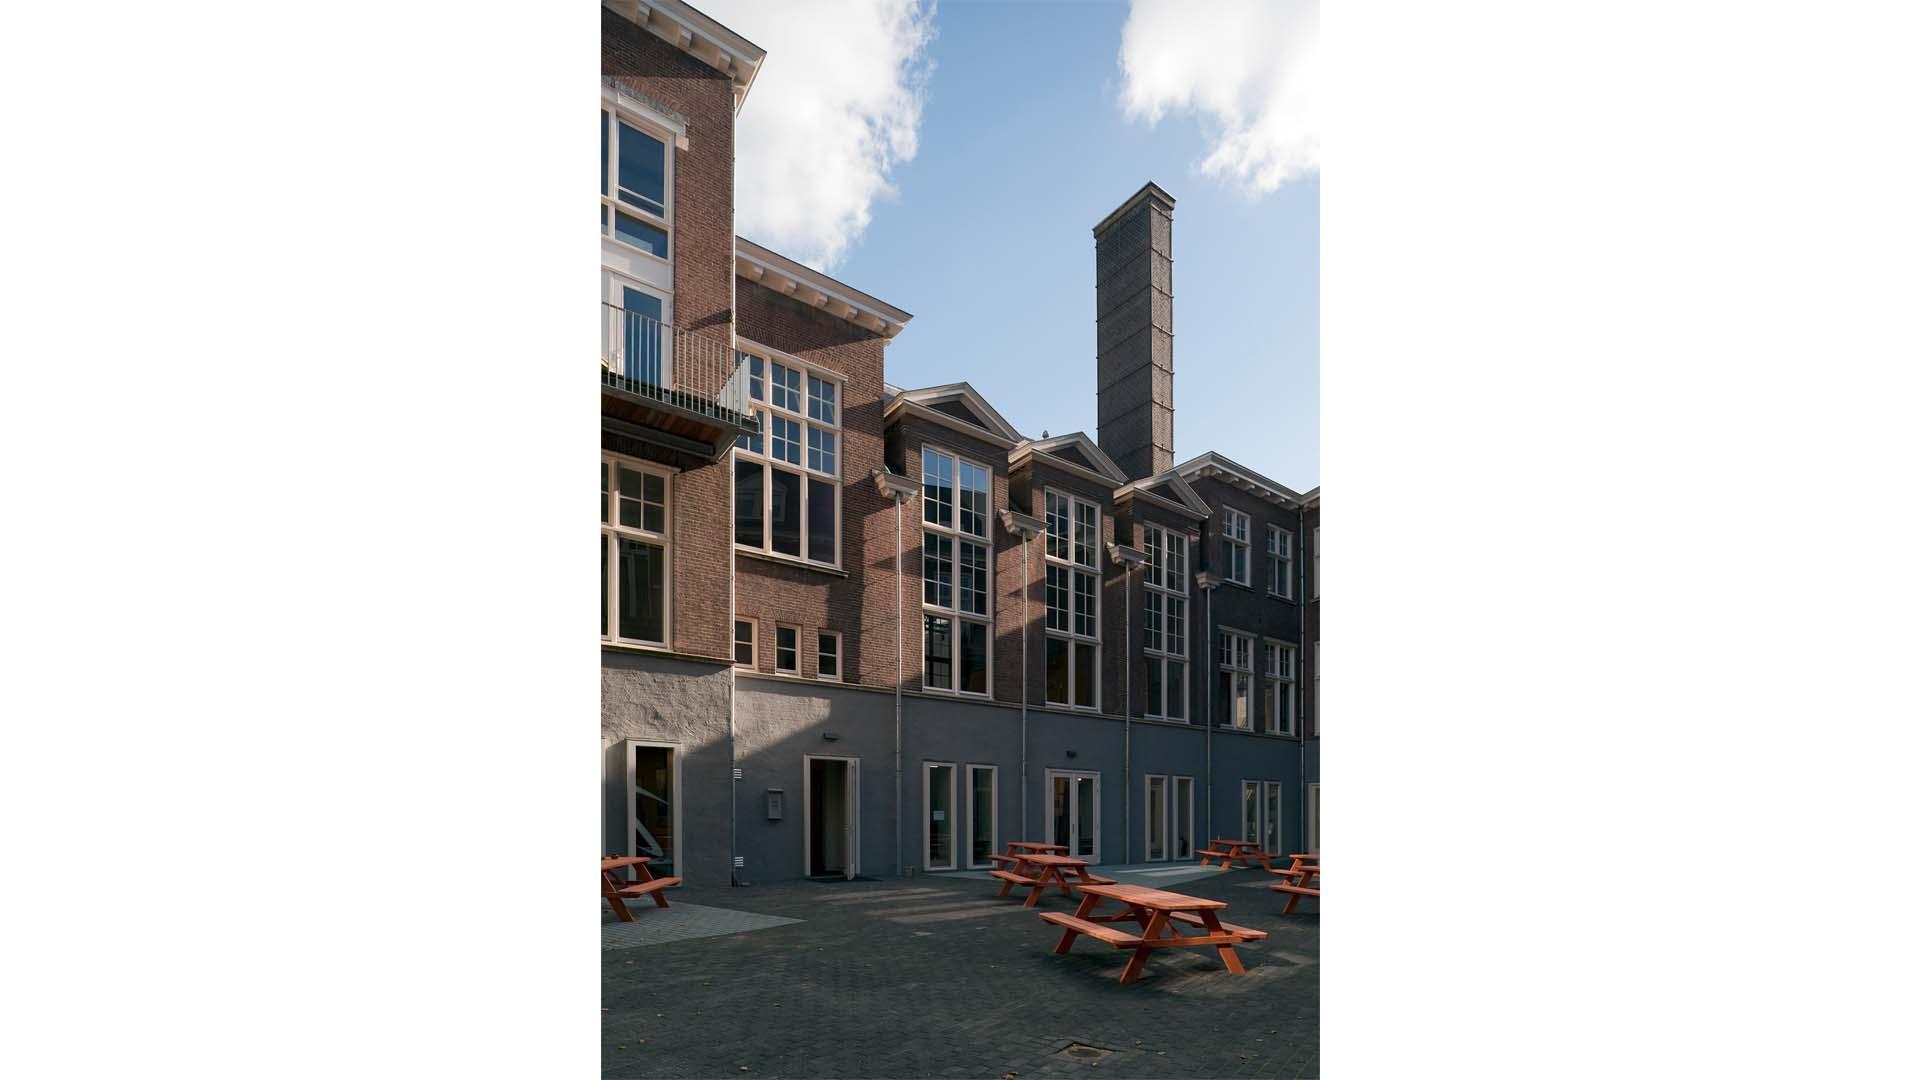 0510_Het Paleis Groningen_07